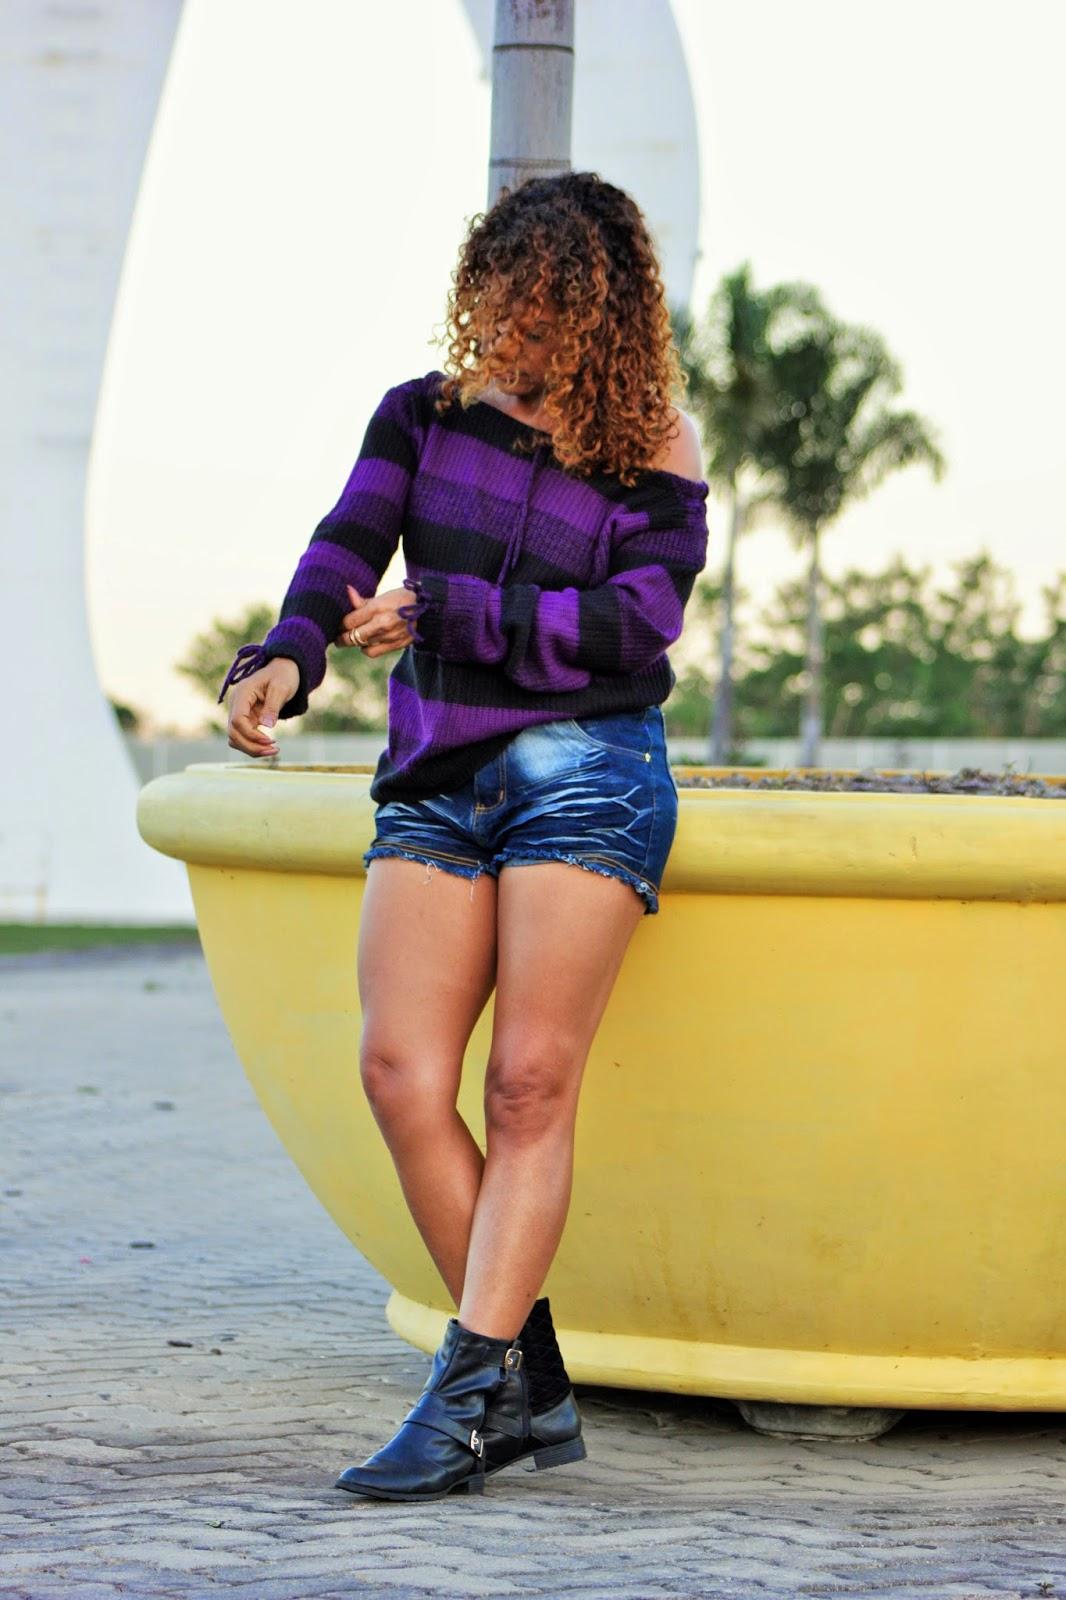 bota+cano+curto+Gracyjony+nascimento+www.mulatadourada.com.br